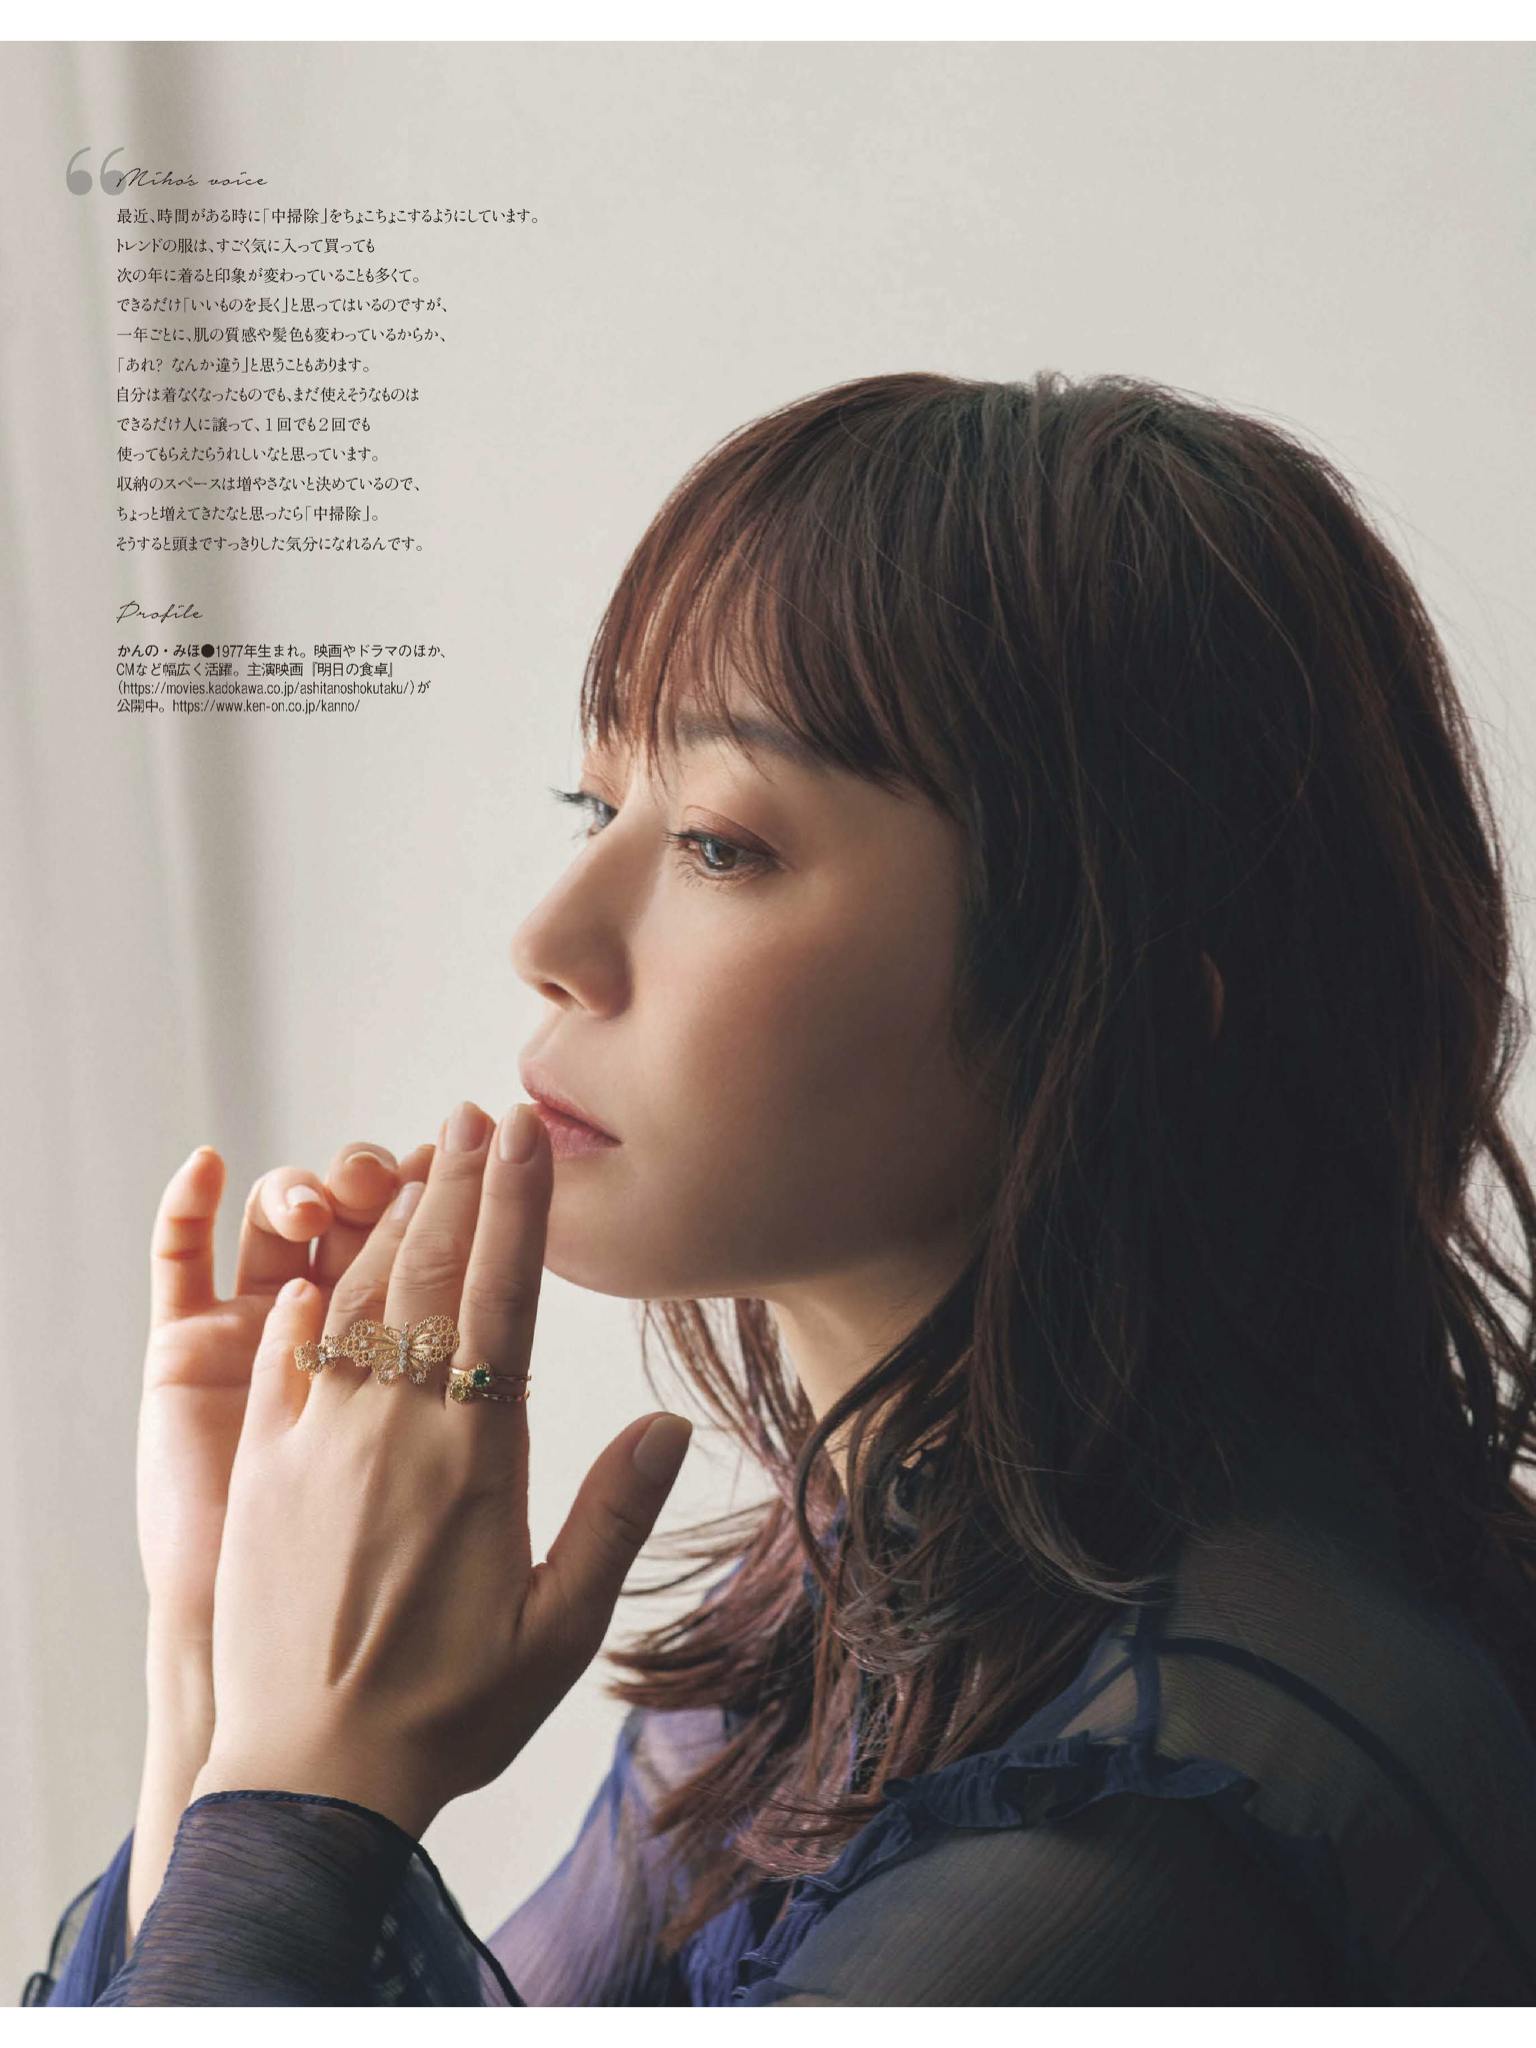 霓虹妹子写真专辑(第7弹)